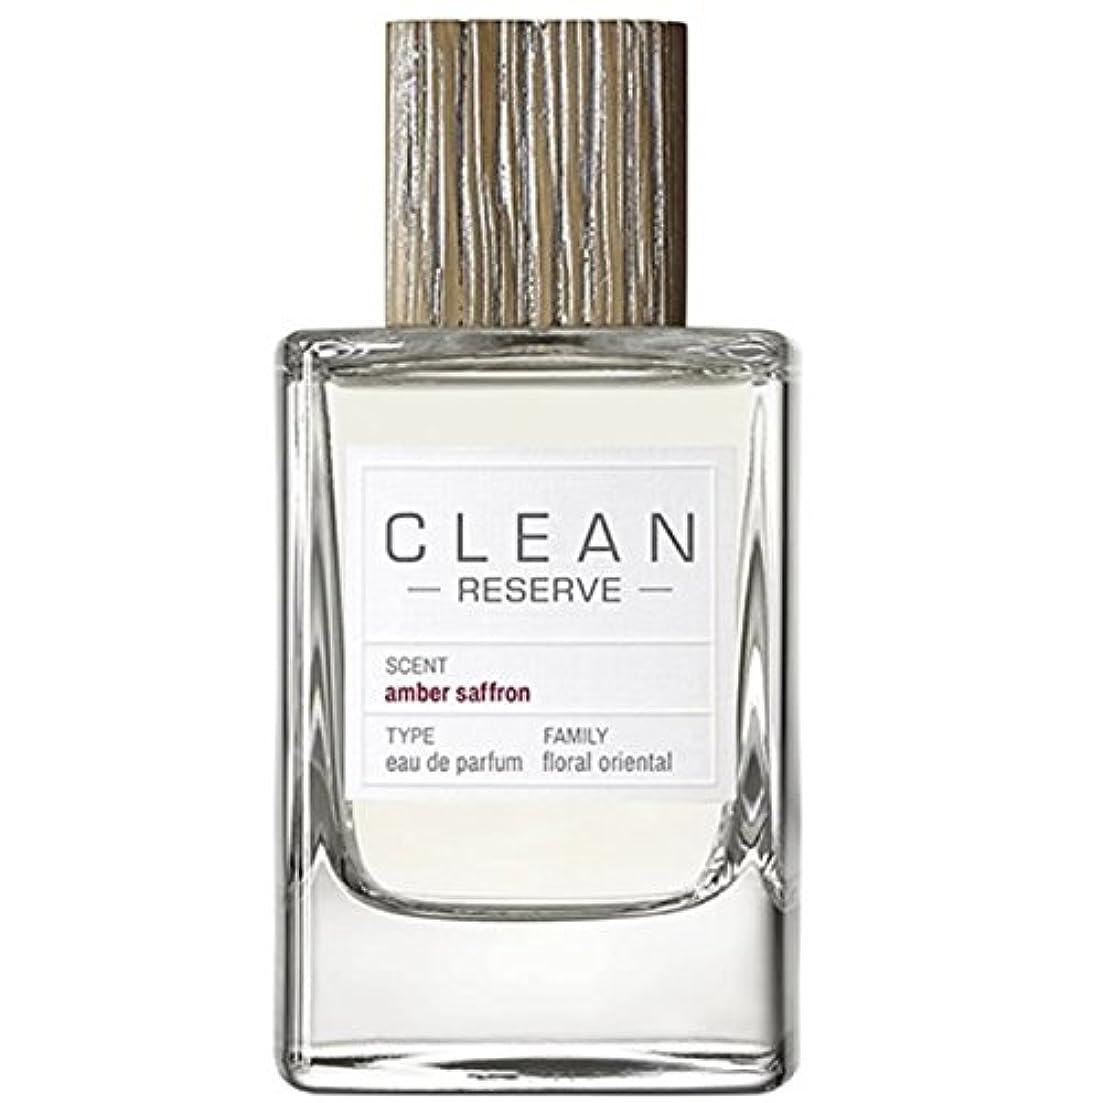 神学校陽気な認める◆【CLEAN】Unisex香水◆クリーン リザーブ アンバーサフラン オードパルファムEDP 100ml◆